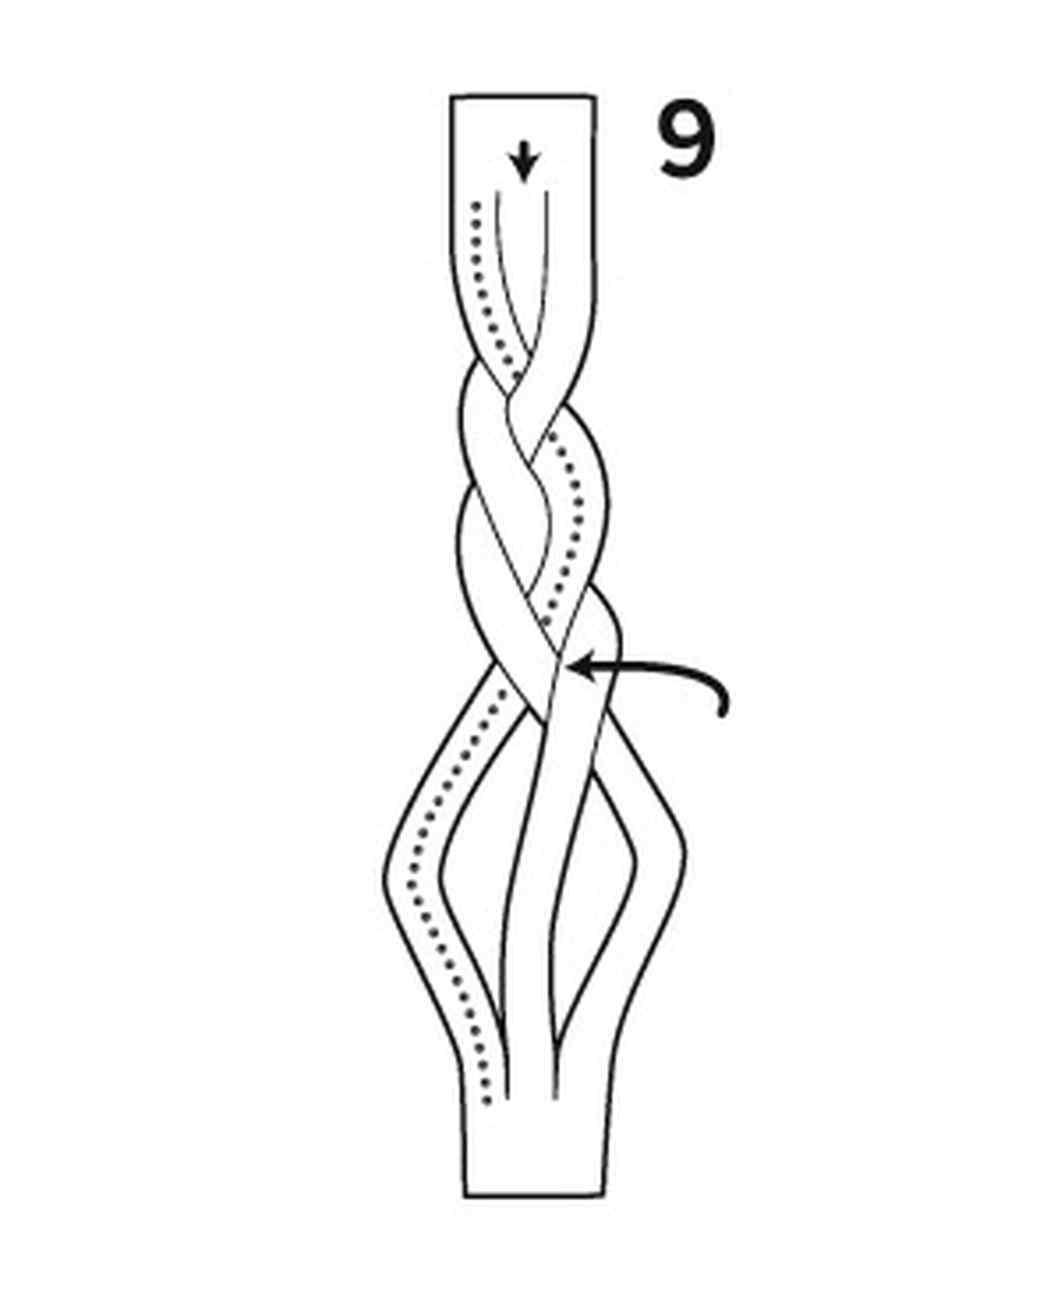 Mystery braided leather cuff martha stewart pooptronica